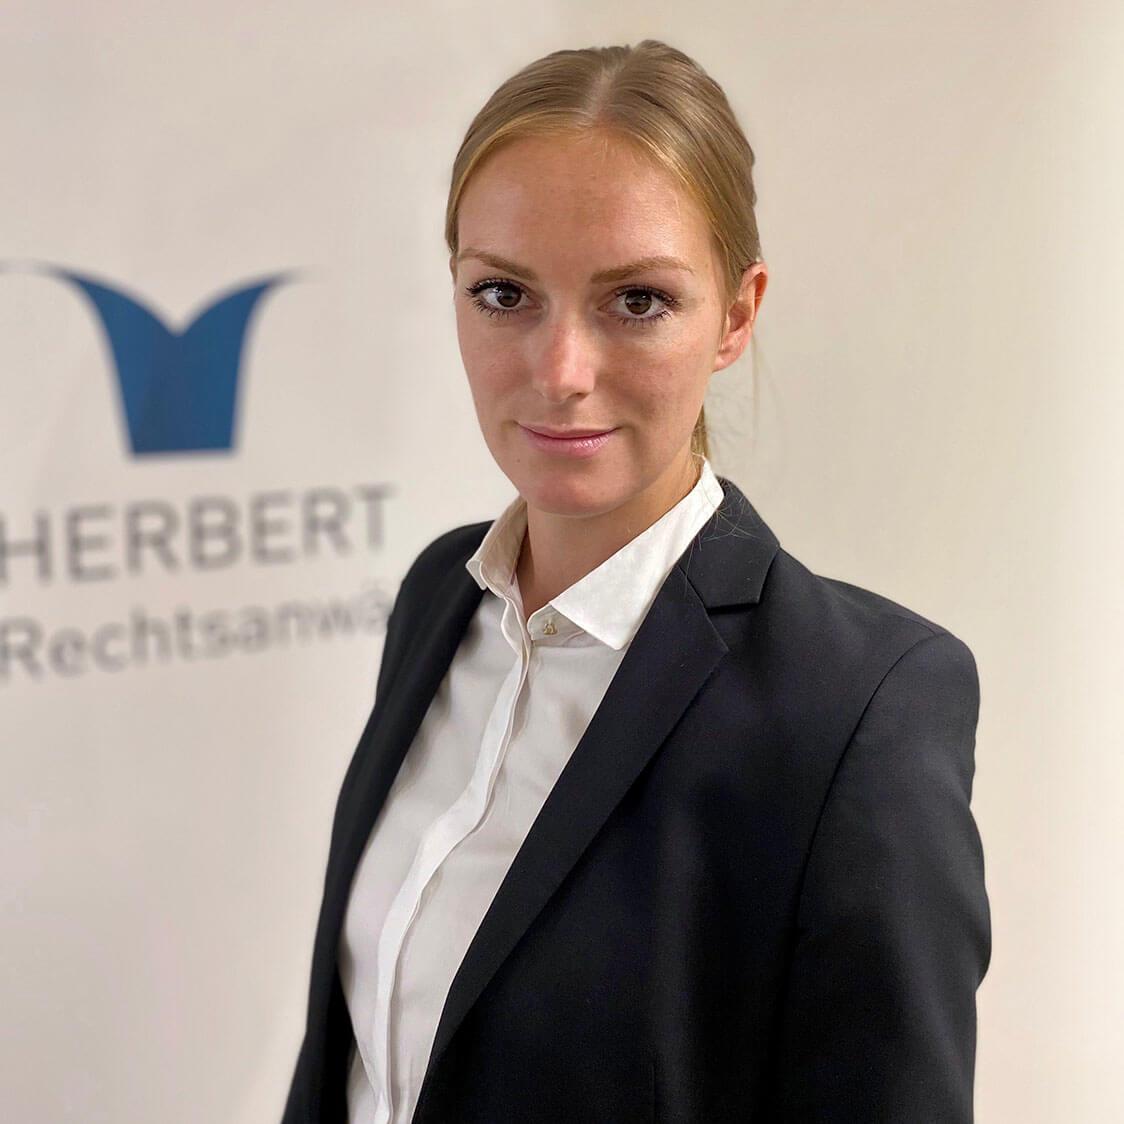 Lea Herbert - Rechtsanwältin - Herbert Rechtsanwälte Saarbrücken